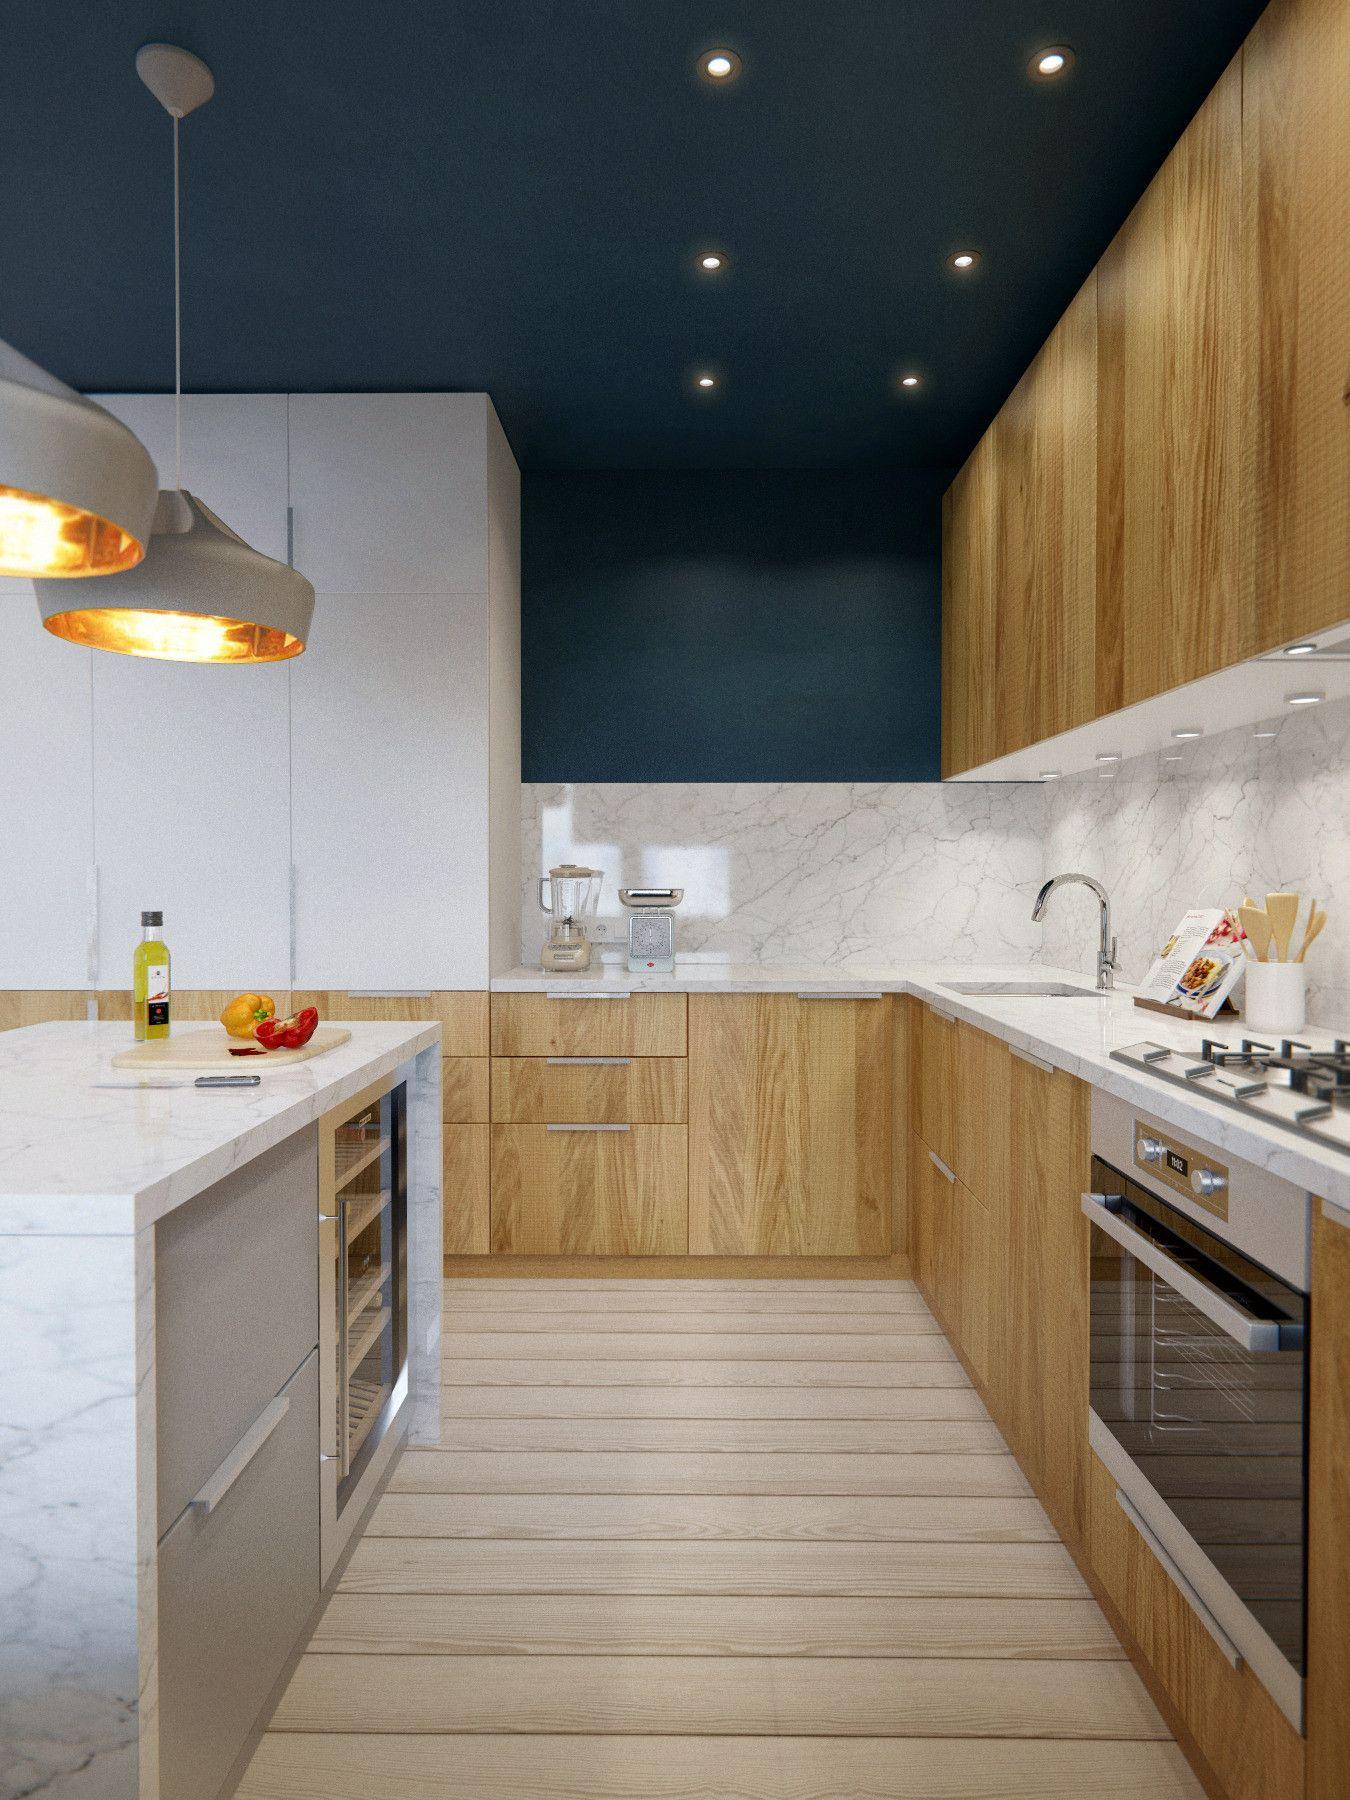 Cuisine en bois blond le plafond peint en bleu sombre apporte de la hauteur et donne l - Plafond de cuisine design ...